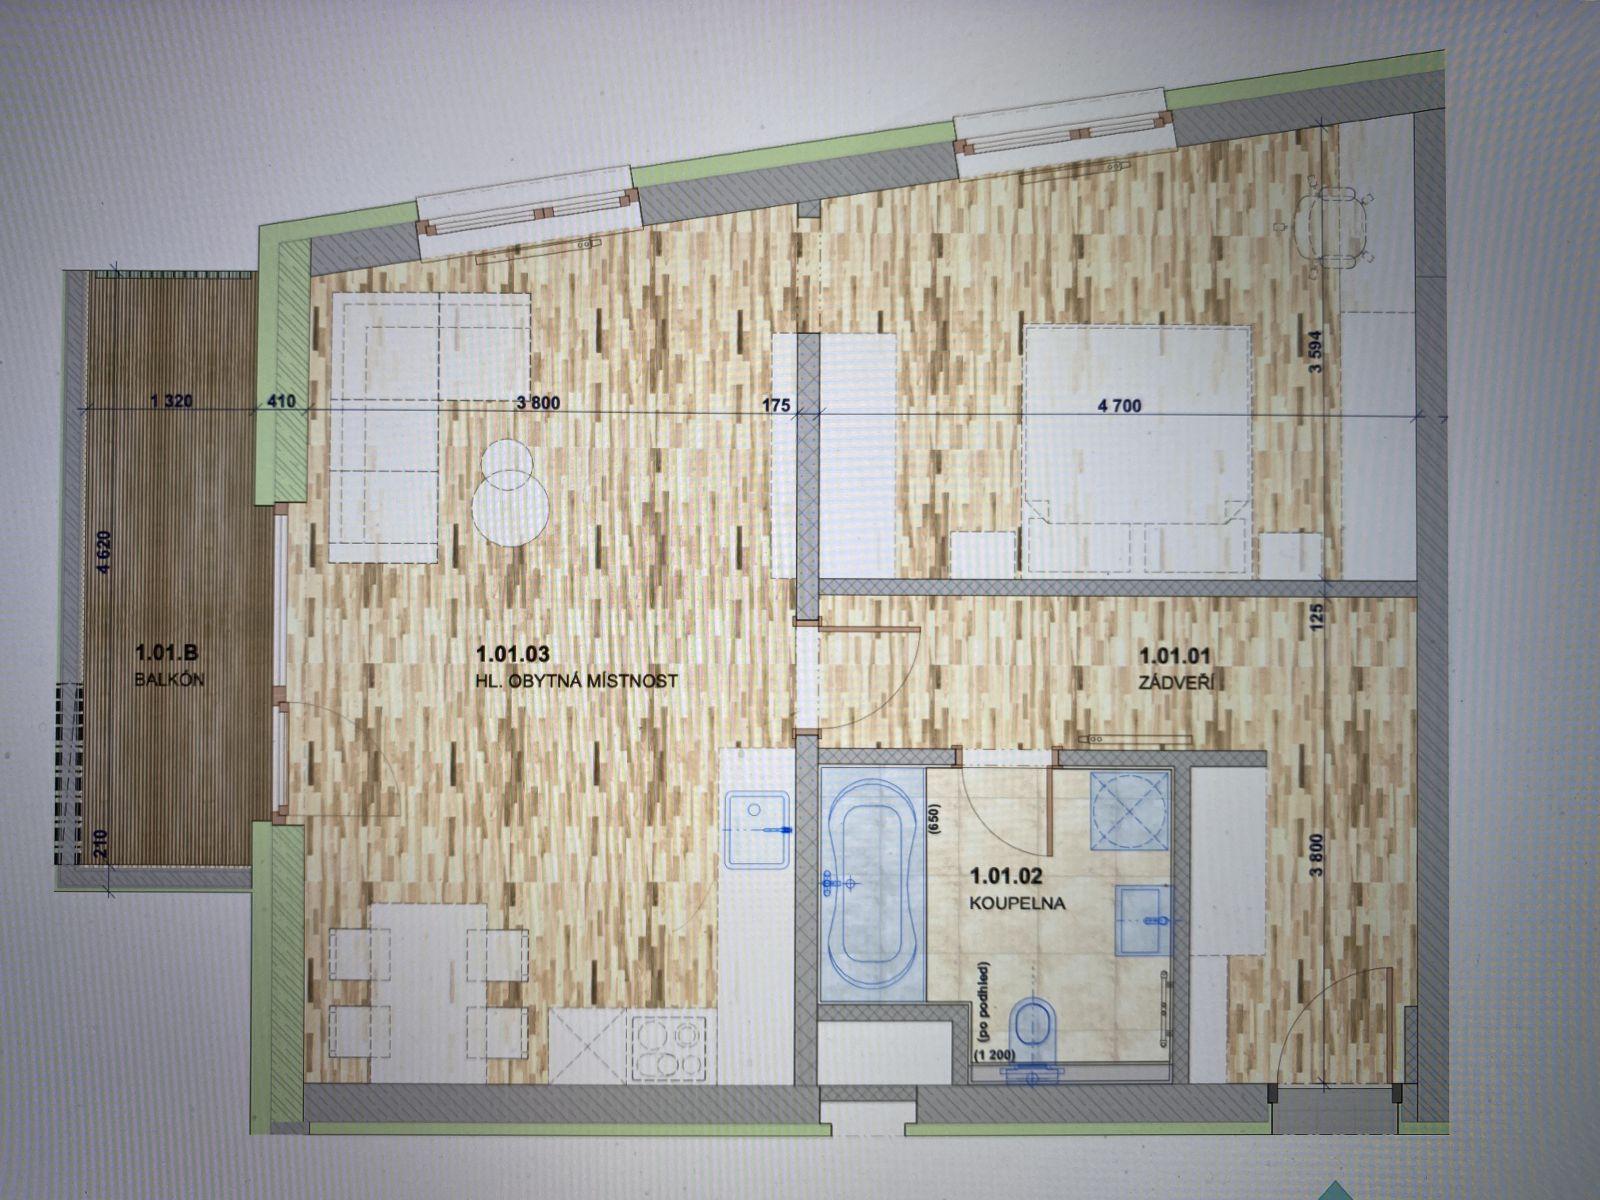 Nabízíme k prodeji byt 2+KK v novostavbě bytového domu v obci Domašov